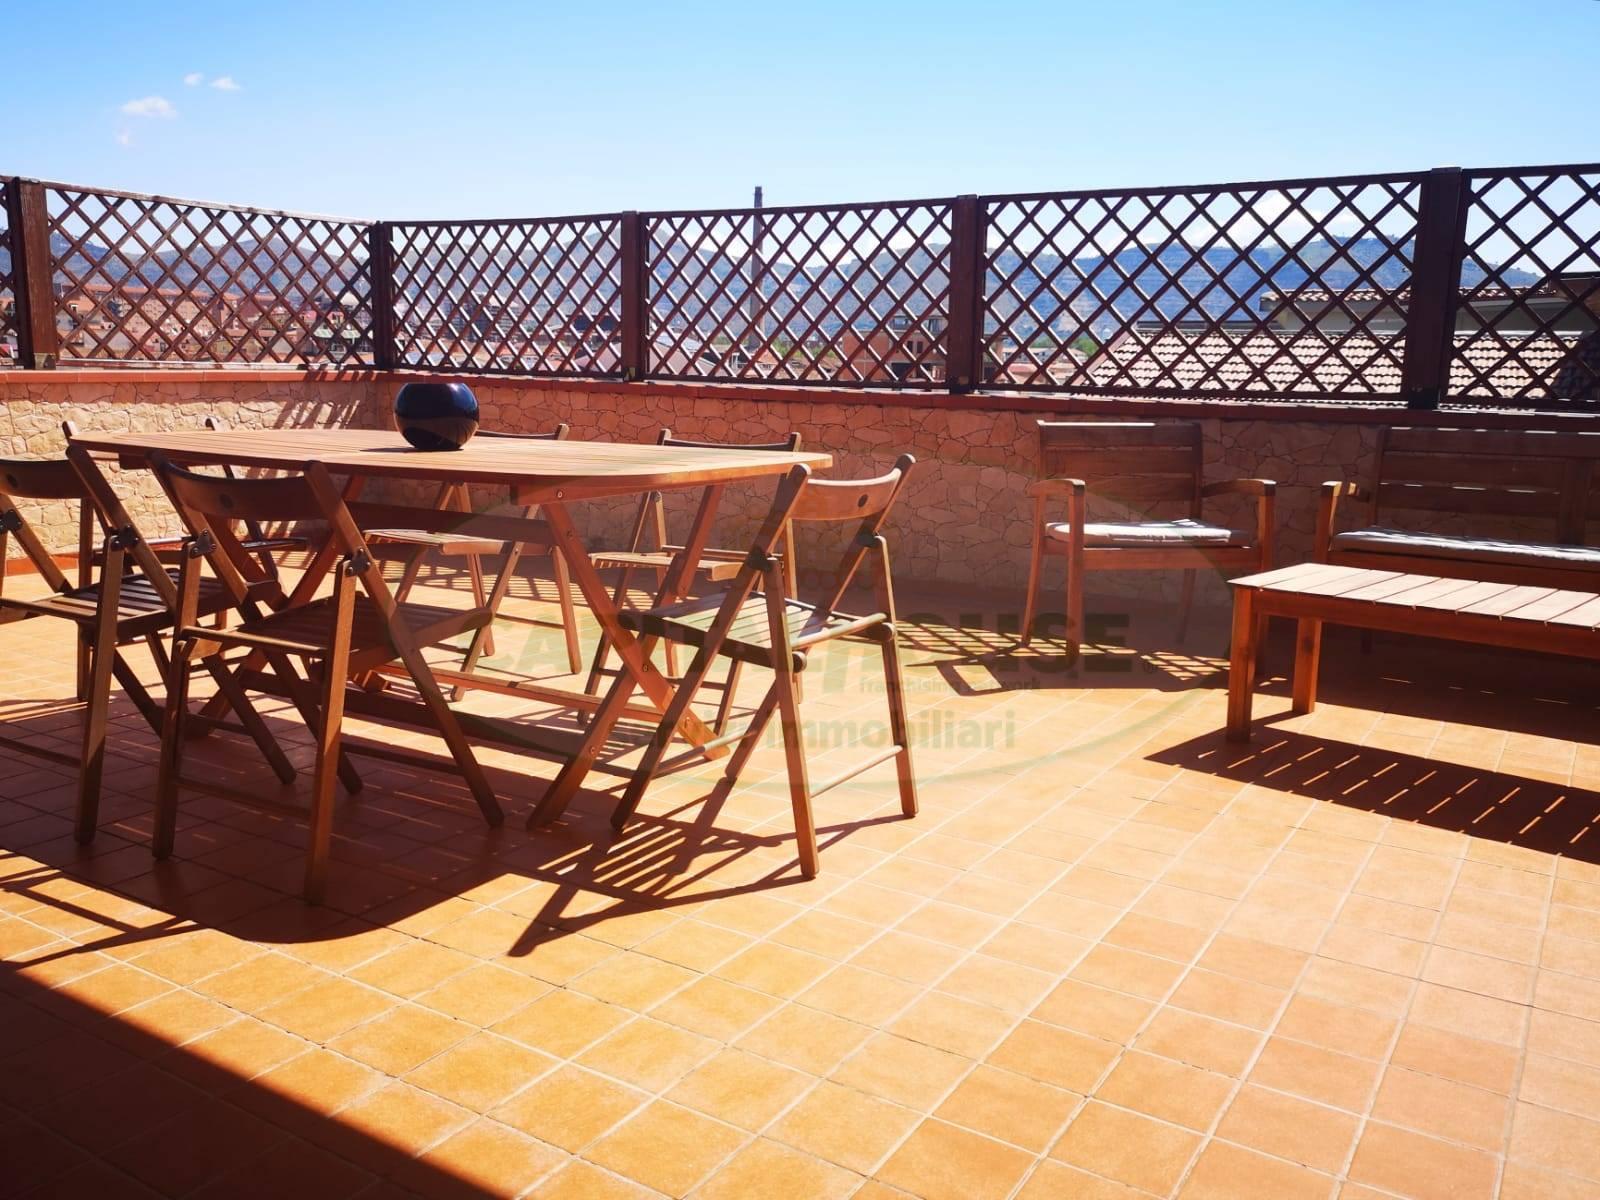 Appartamento in vendita a San Nicola la Strada, 3 locali, prezzo € 145.000 | CambioCasa.it